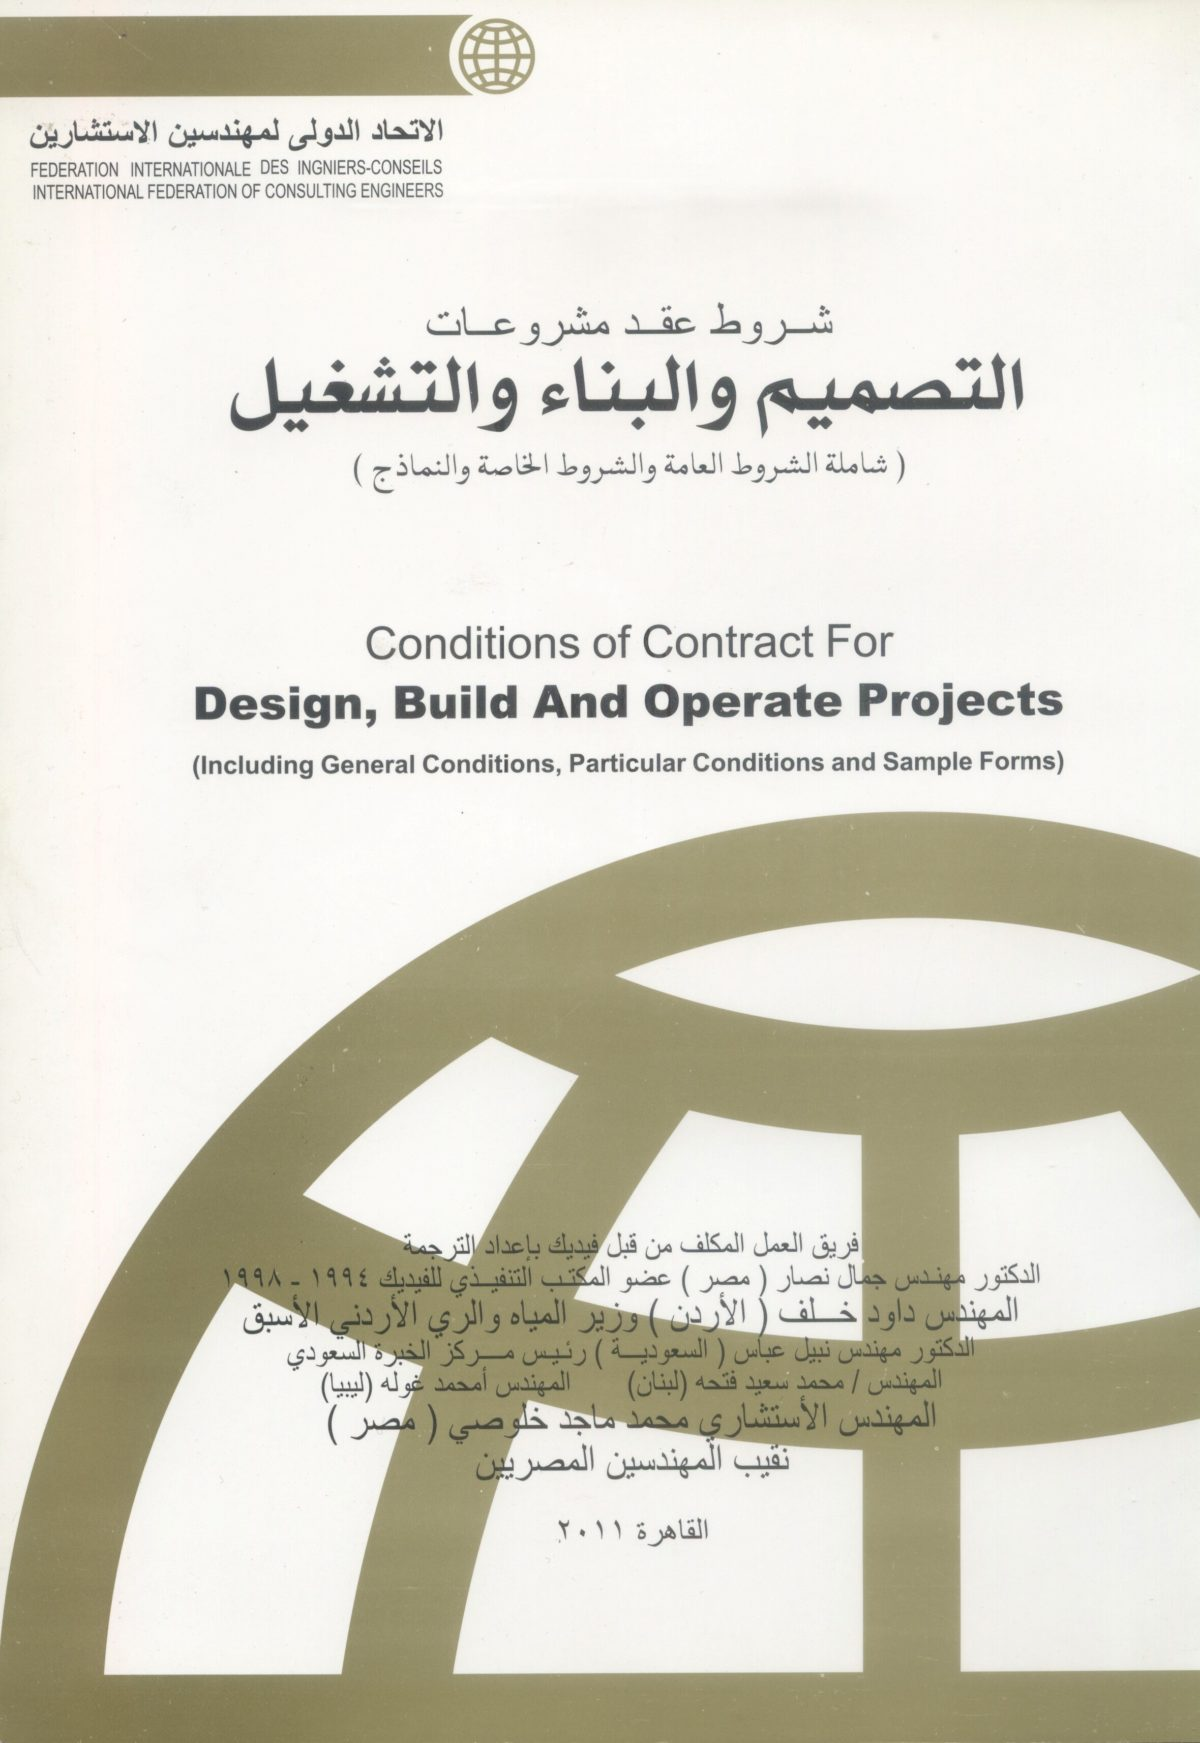 شروط عقد مشروعات التصميميم والبناء والتشغيل